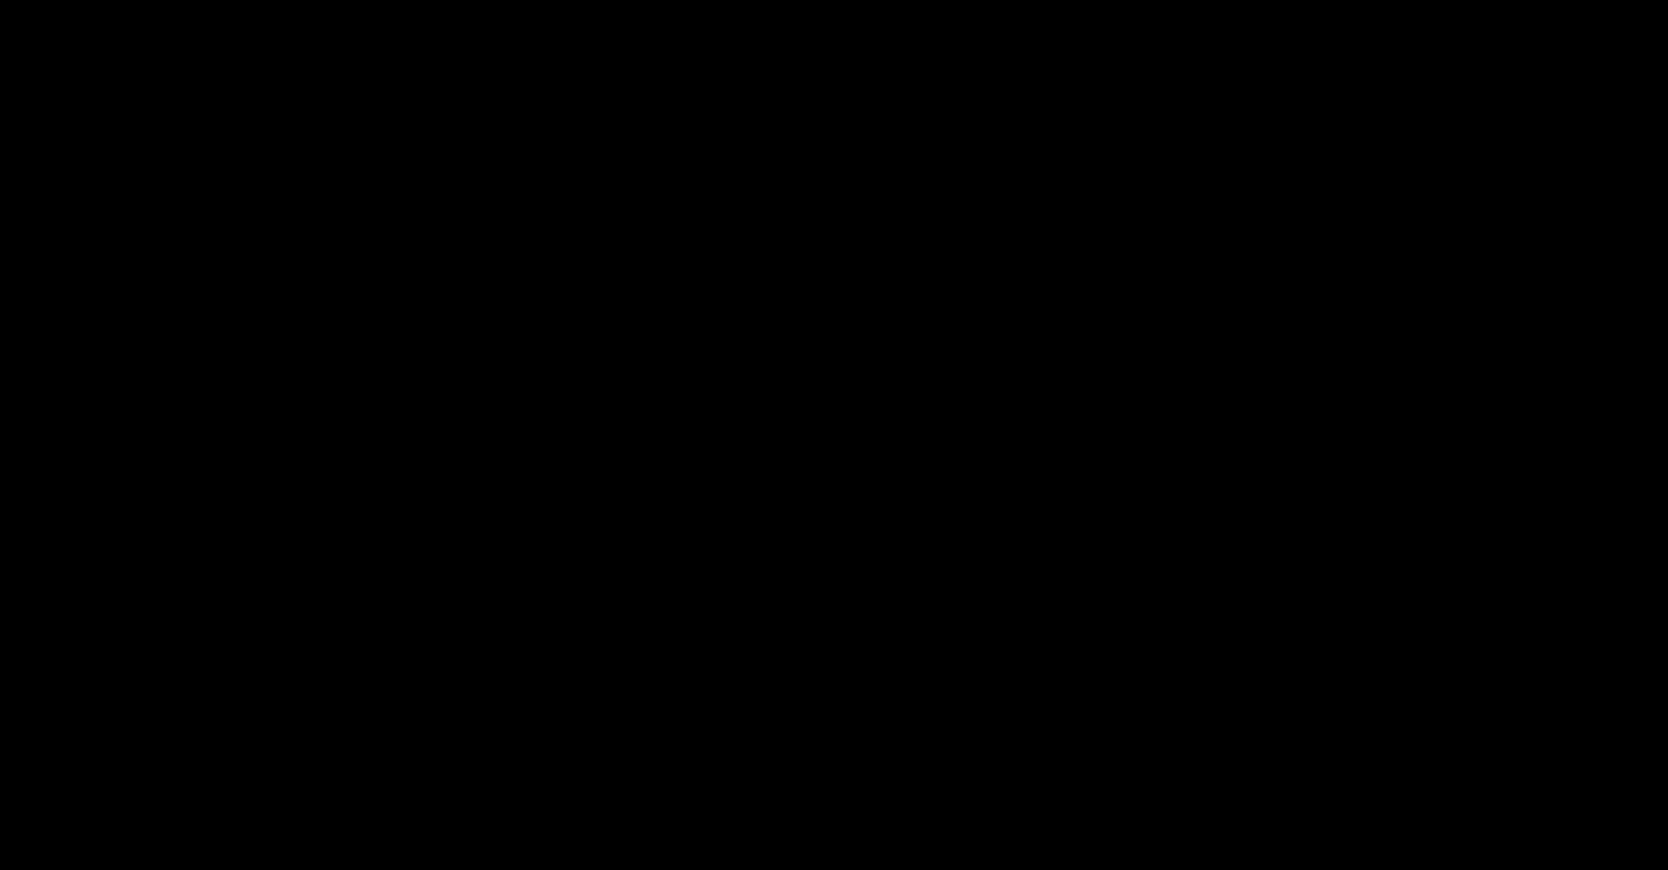 Methyl (S)-(-)-3-(Benzylamino)-4-(N-butylcarbamoyl)butanoate